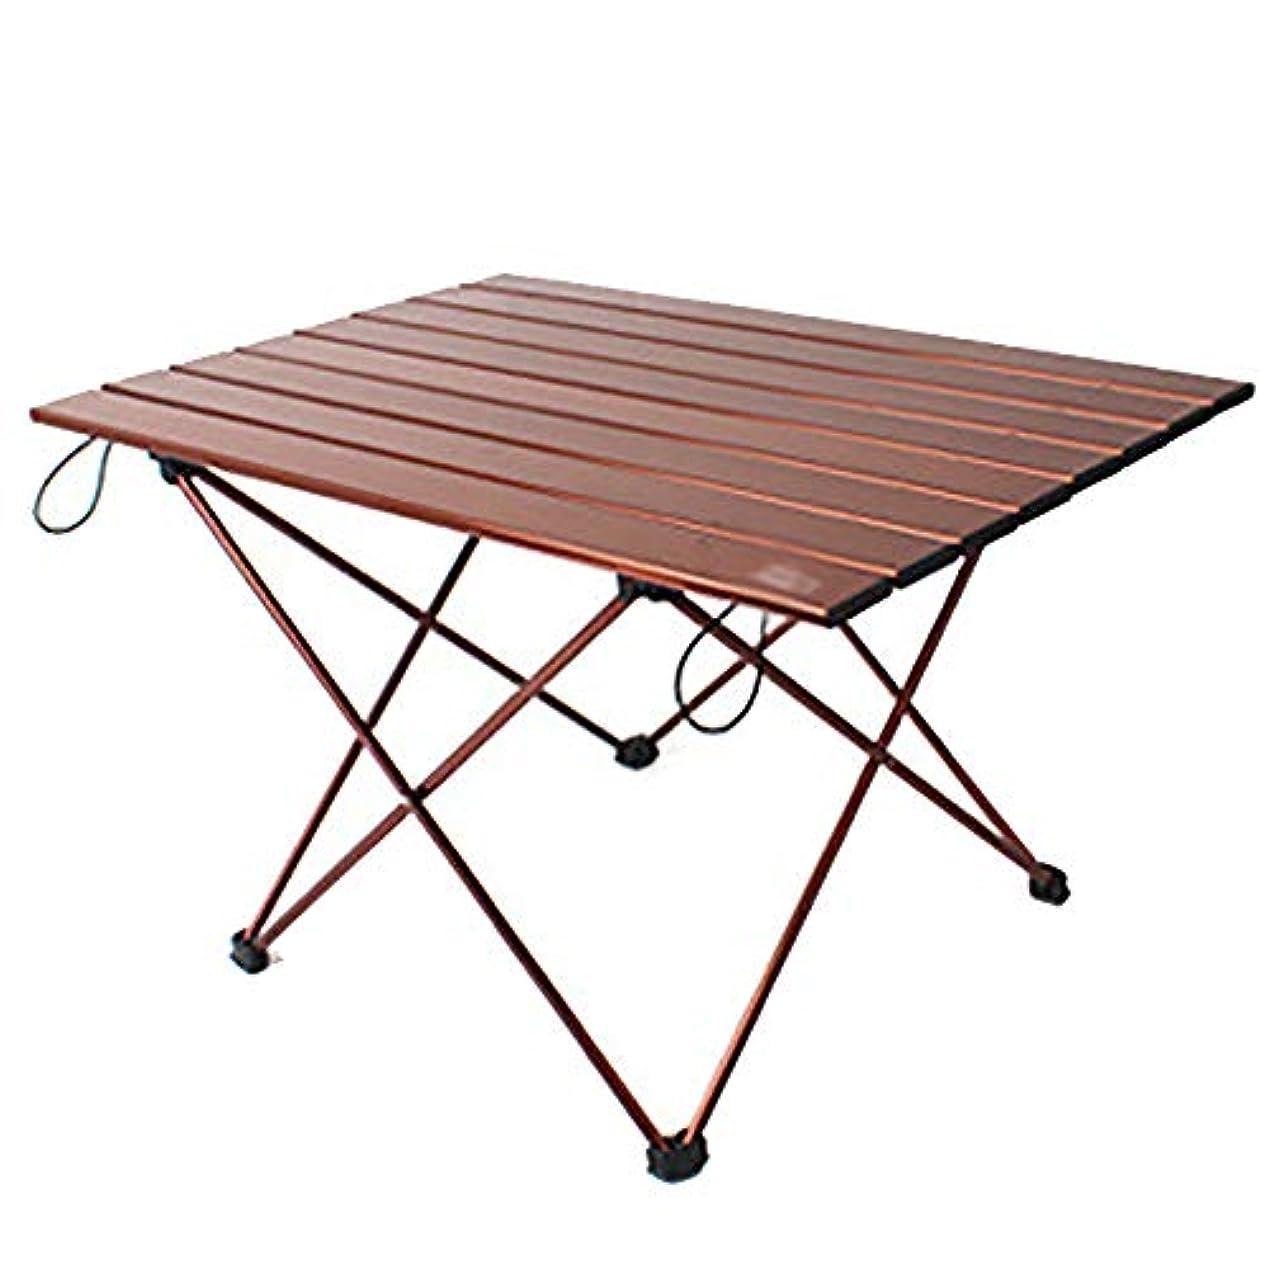 歴史的マークリビジョン折りたたみテーブル屋外折り畳みテーブルアルミ合金軽いバーベキューテーブルポータブルピクニックレジャー自転車キャンプ折り畳みアルミプレートテーブル大きな茶色 68 * 46 * 40センチメートル